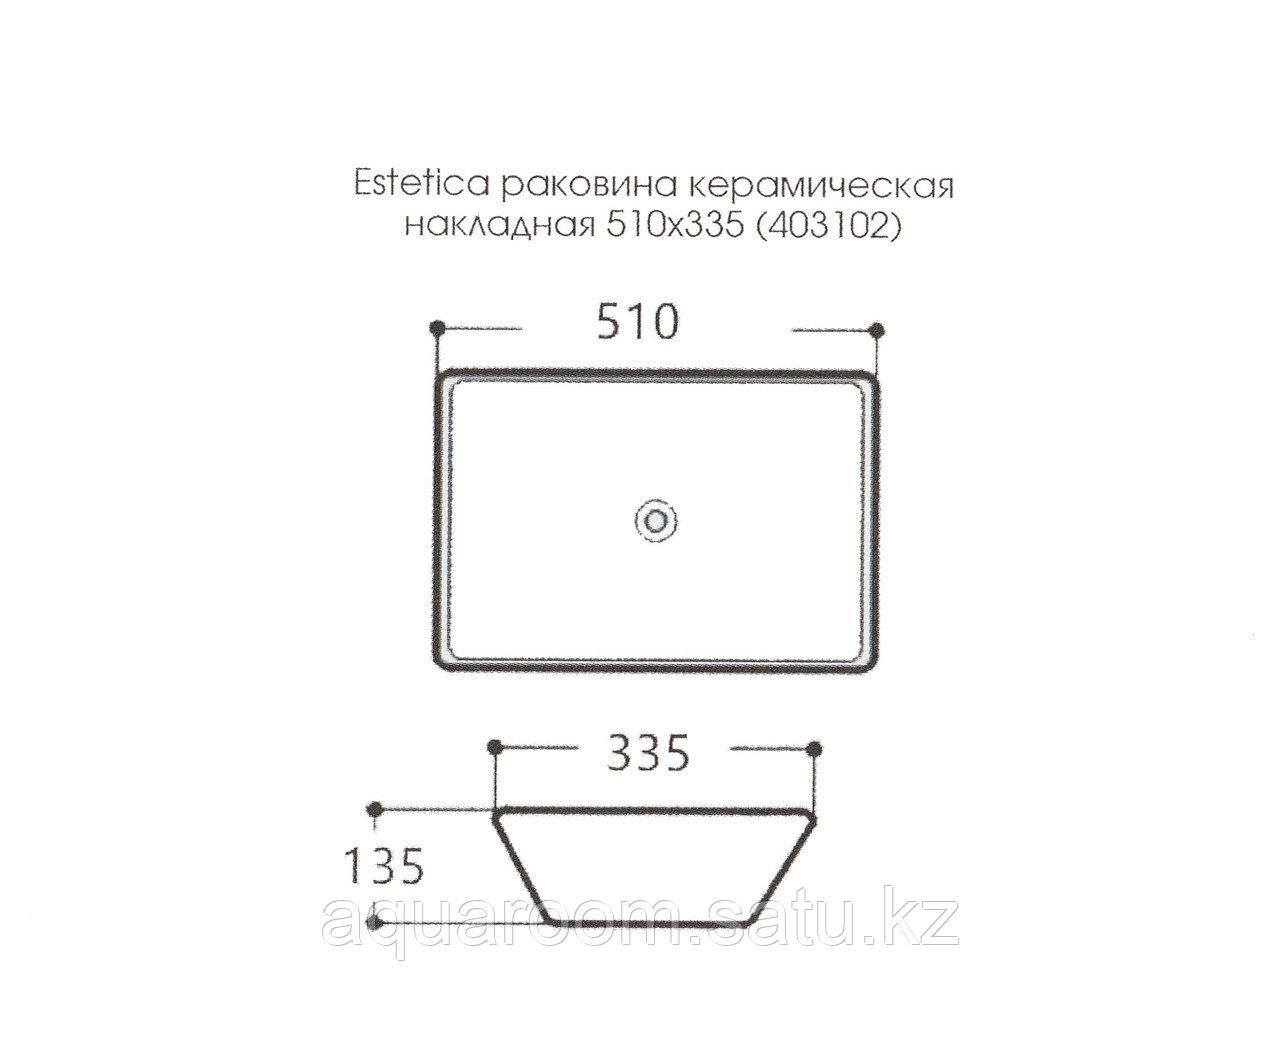 Раковина керамическая Estetica накладная на столешницу 510*335 (403102) - фото 4